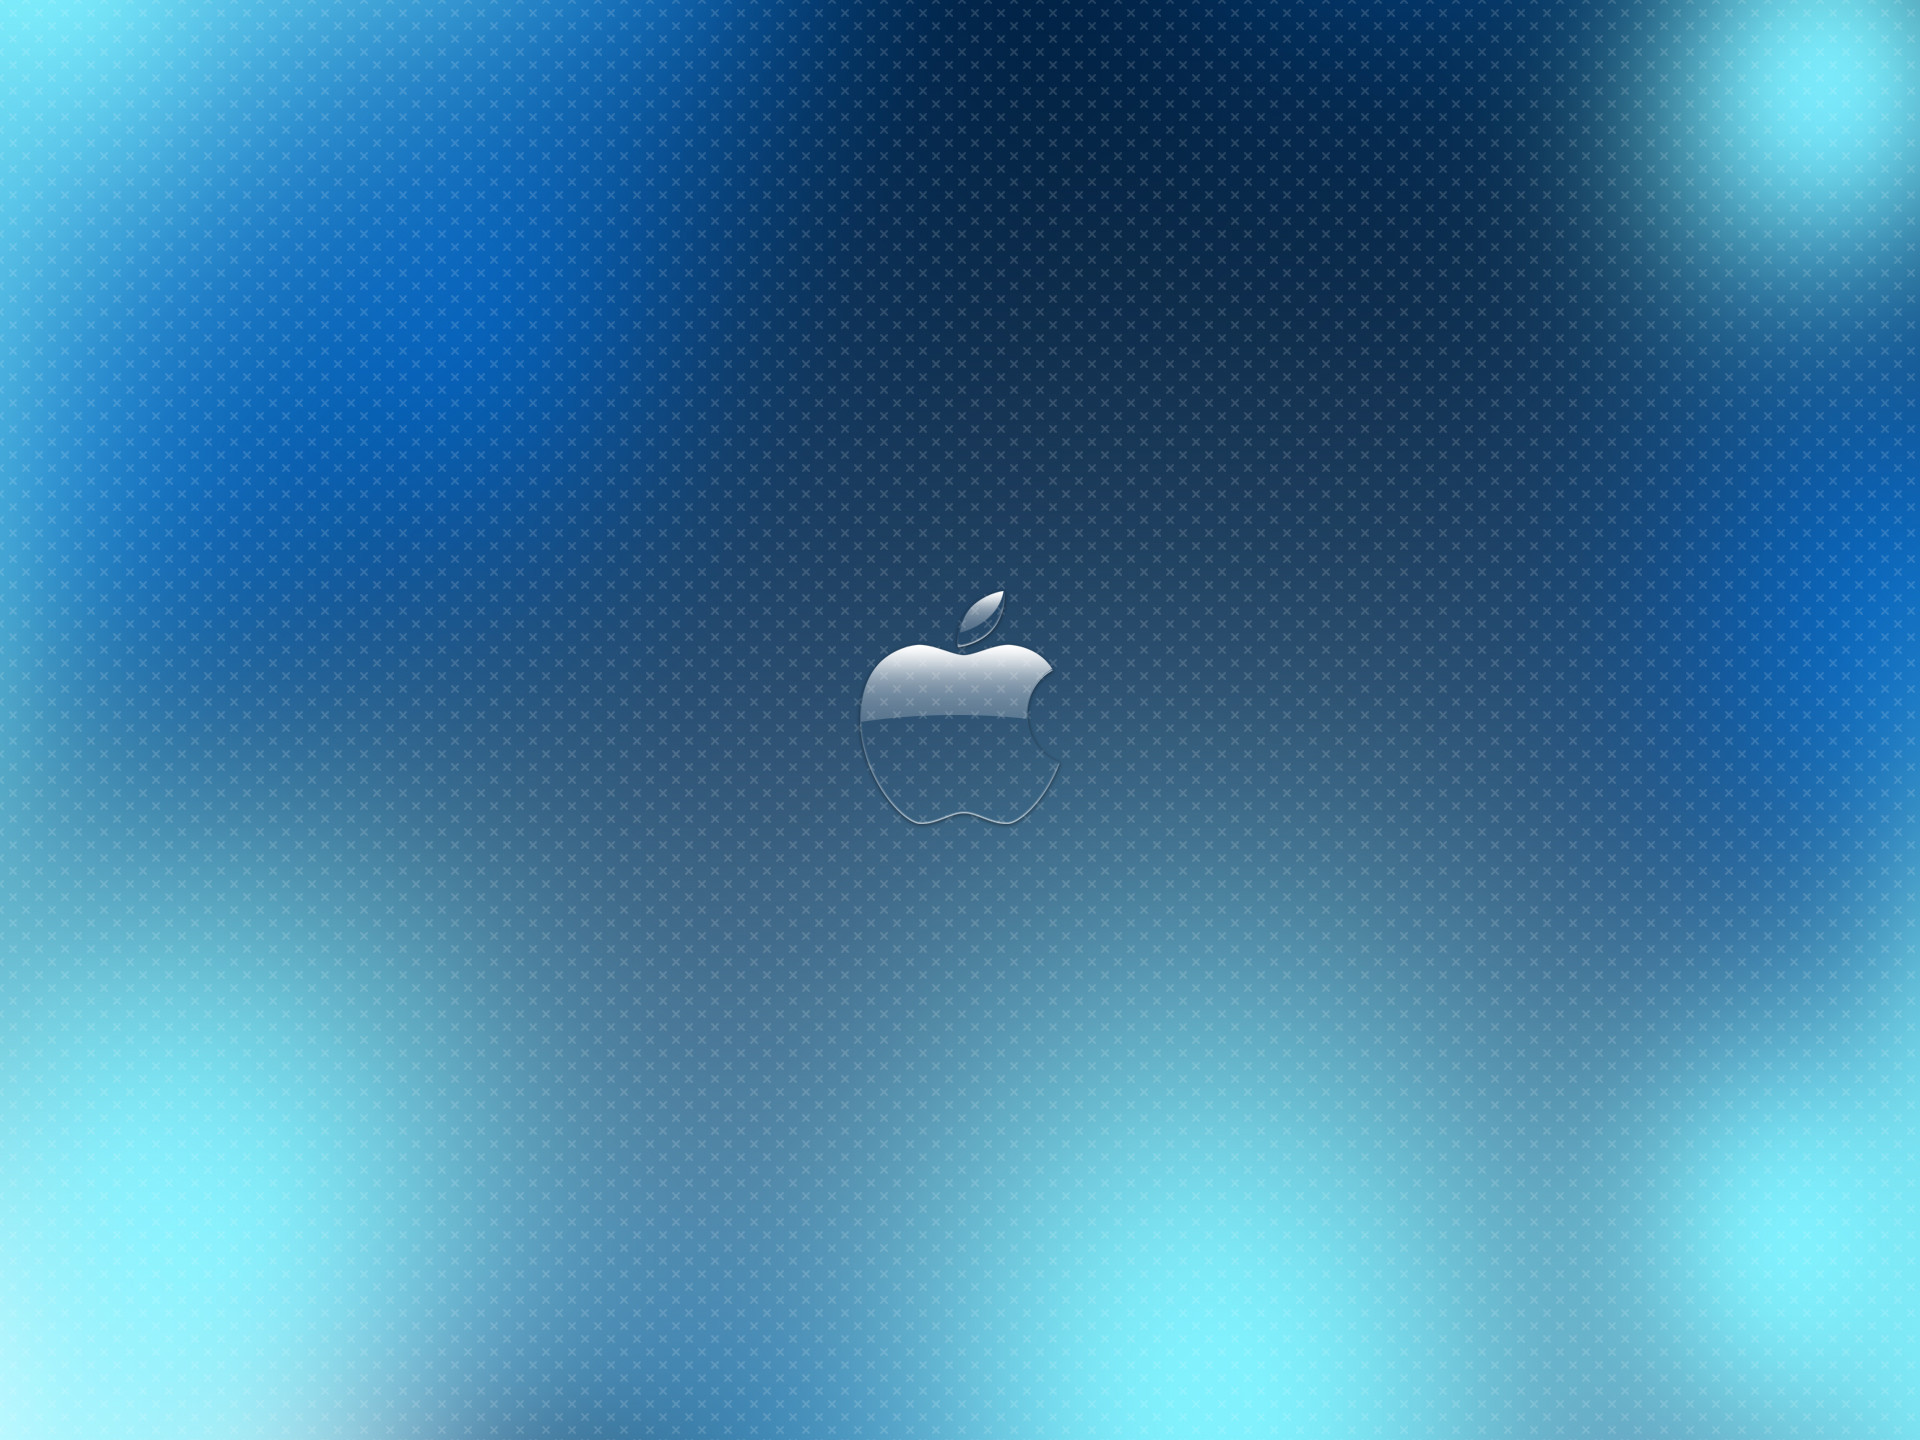 Blue Green Apple Wallpaper Apple Fever Pinterest Apple